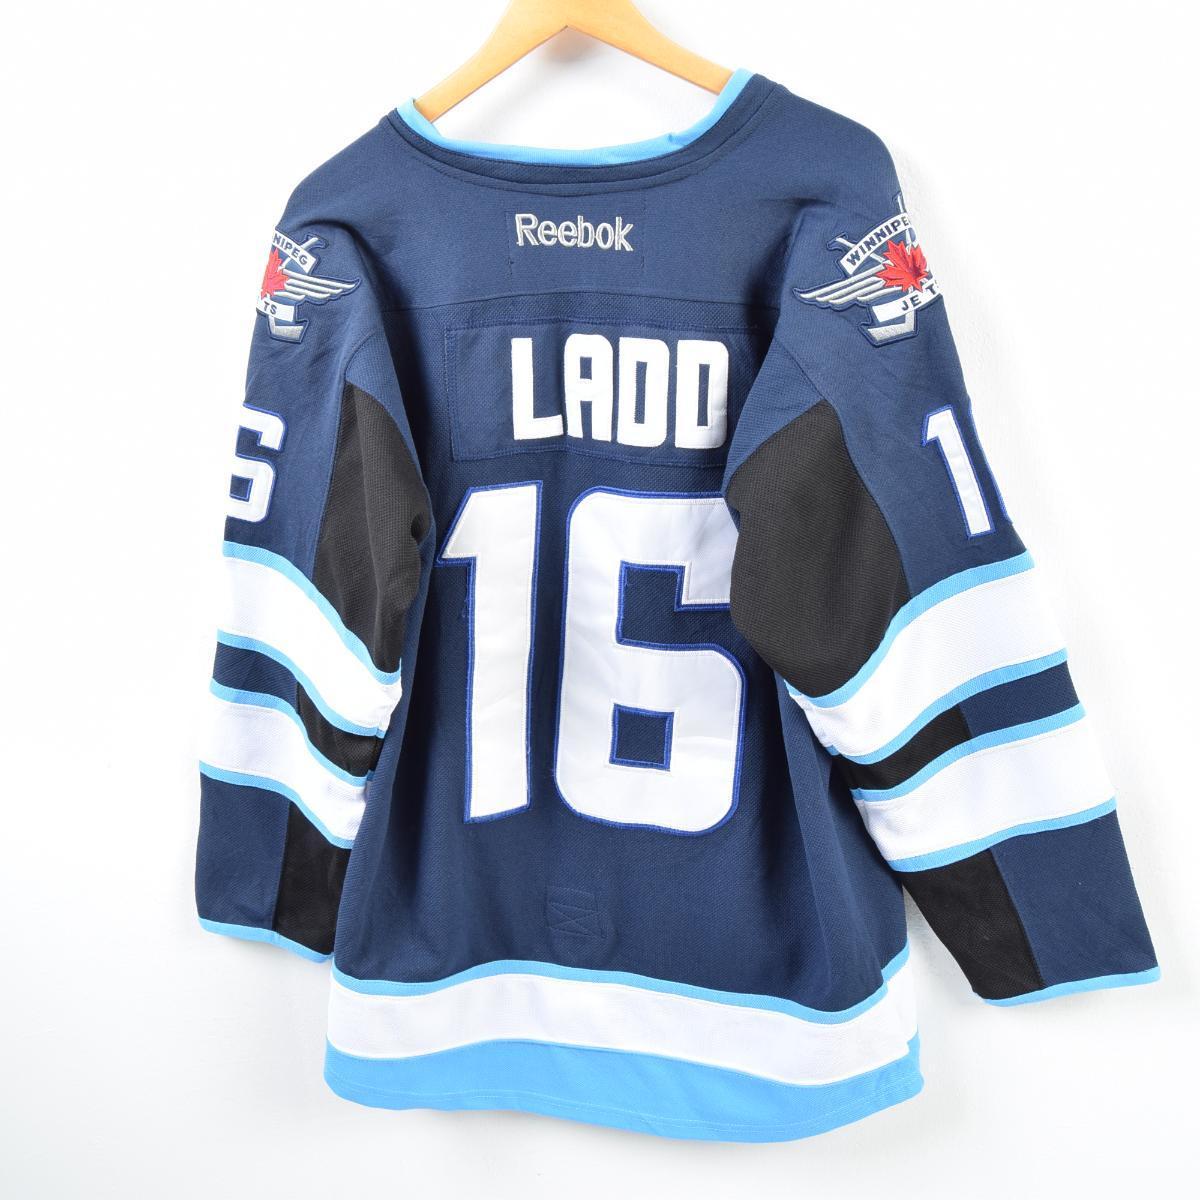 quality design 182b3 97f5b Men L /wbb4176 made in Reebok Reebok NHL WINNIPEG JETS Winnipeg Jets game  shirt replica uniform Canada